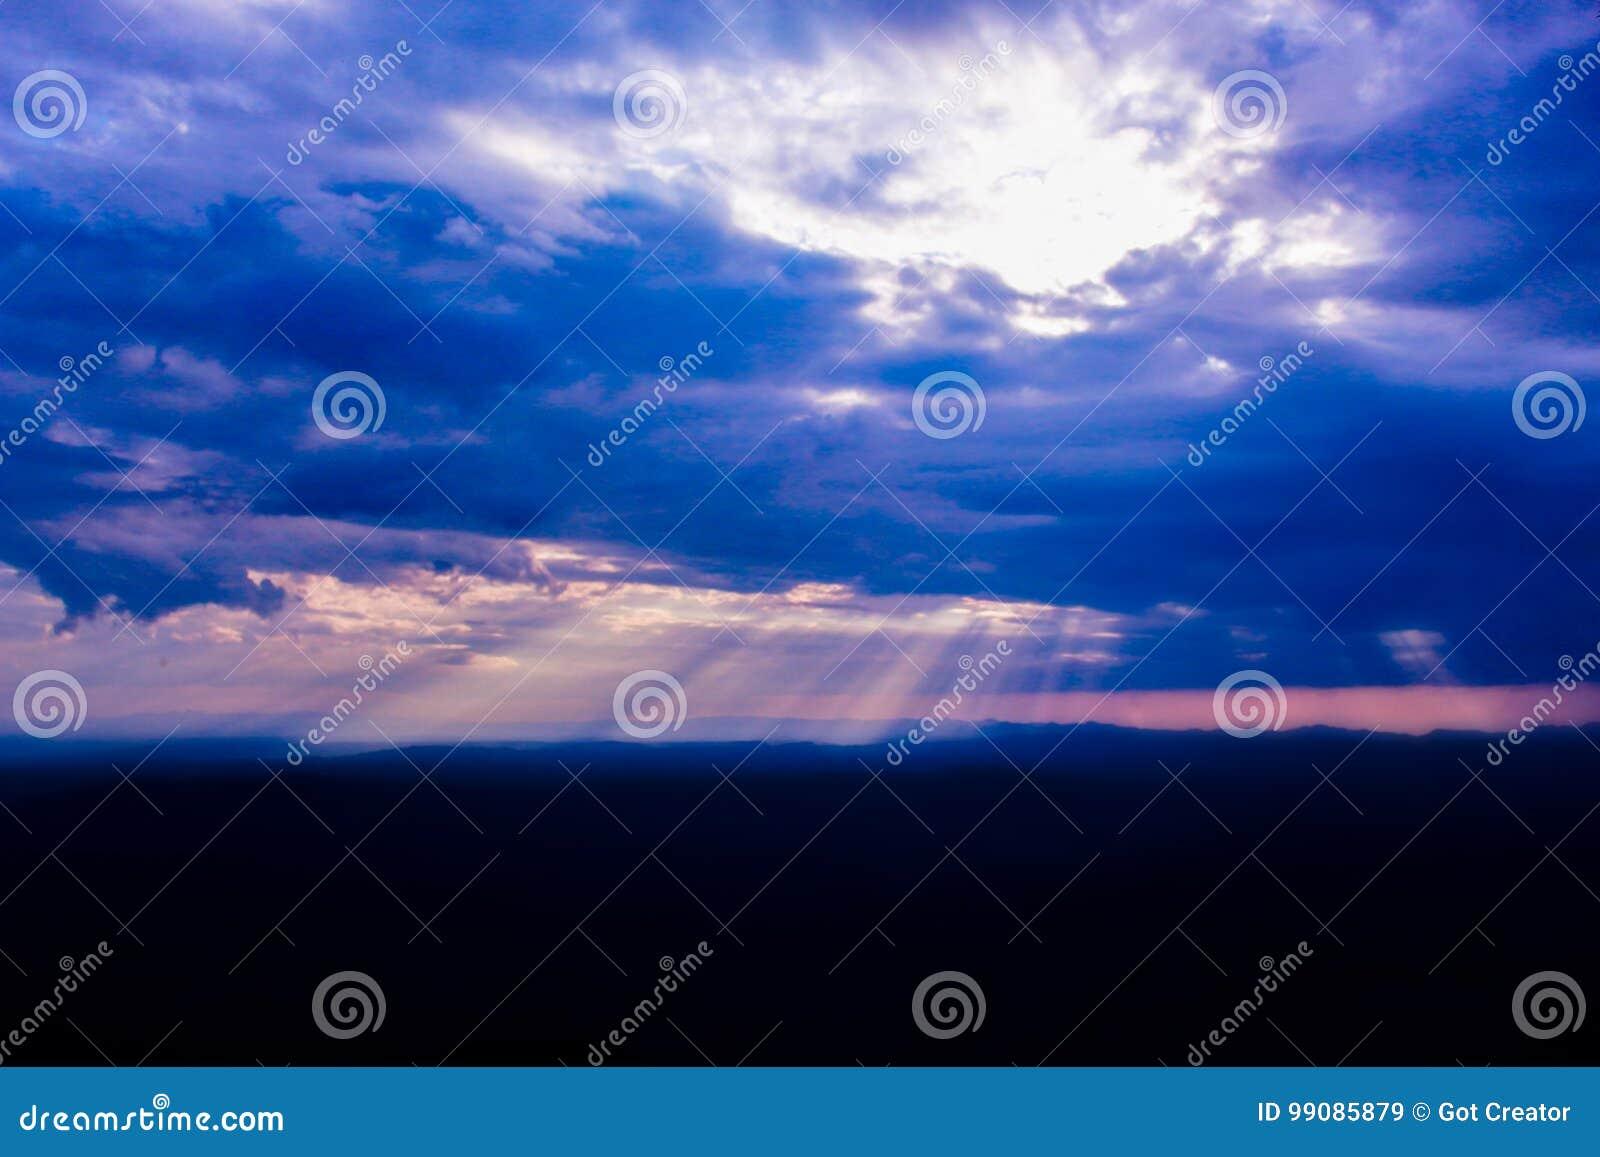 Zonnestraal door wolken op blauwe hemel